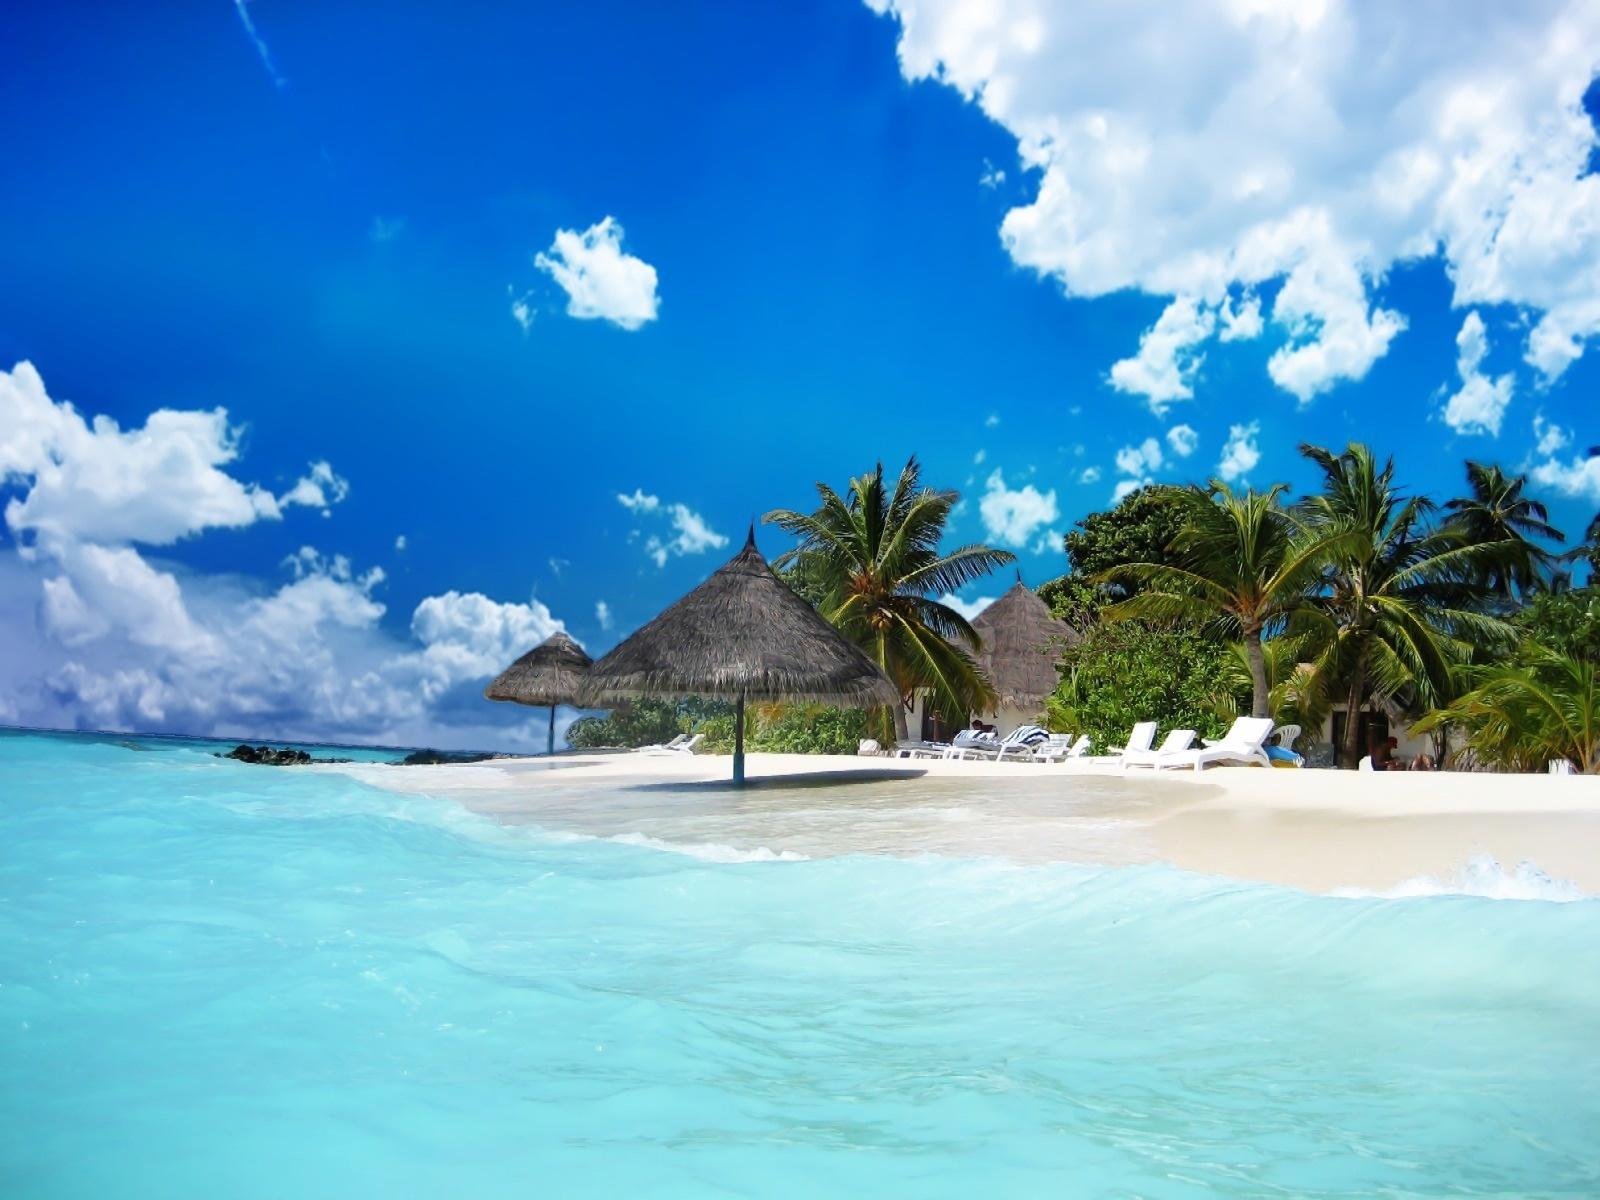 Paradise Beach Wallpaper 652 HD Wallpaper 3D Desktop Backgrounds 1600x1200